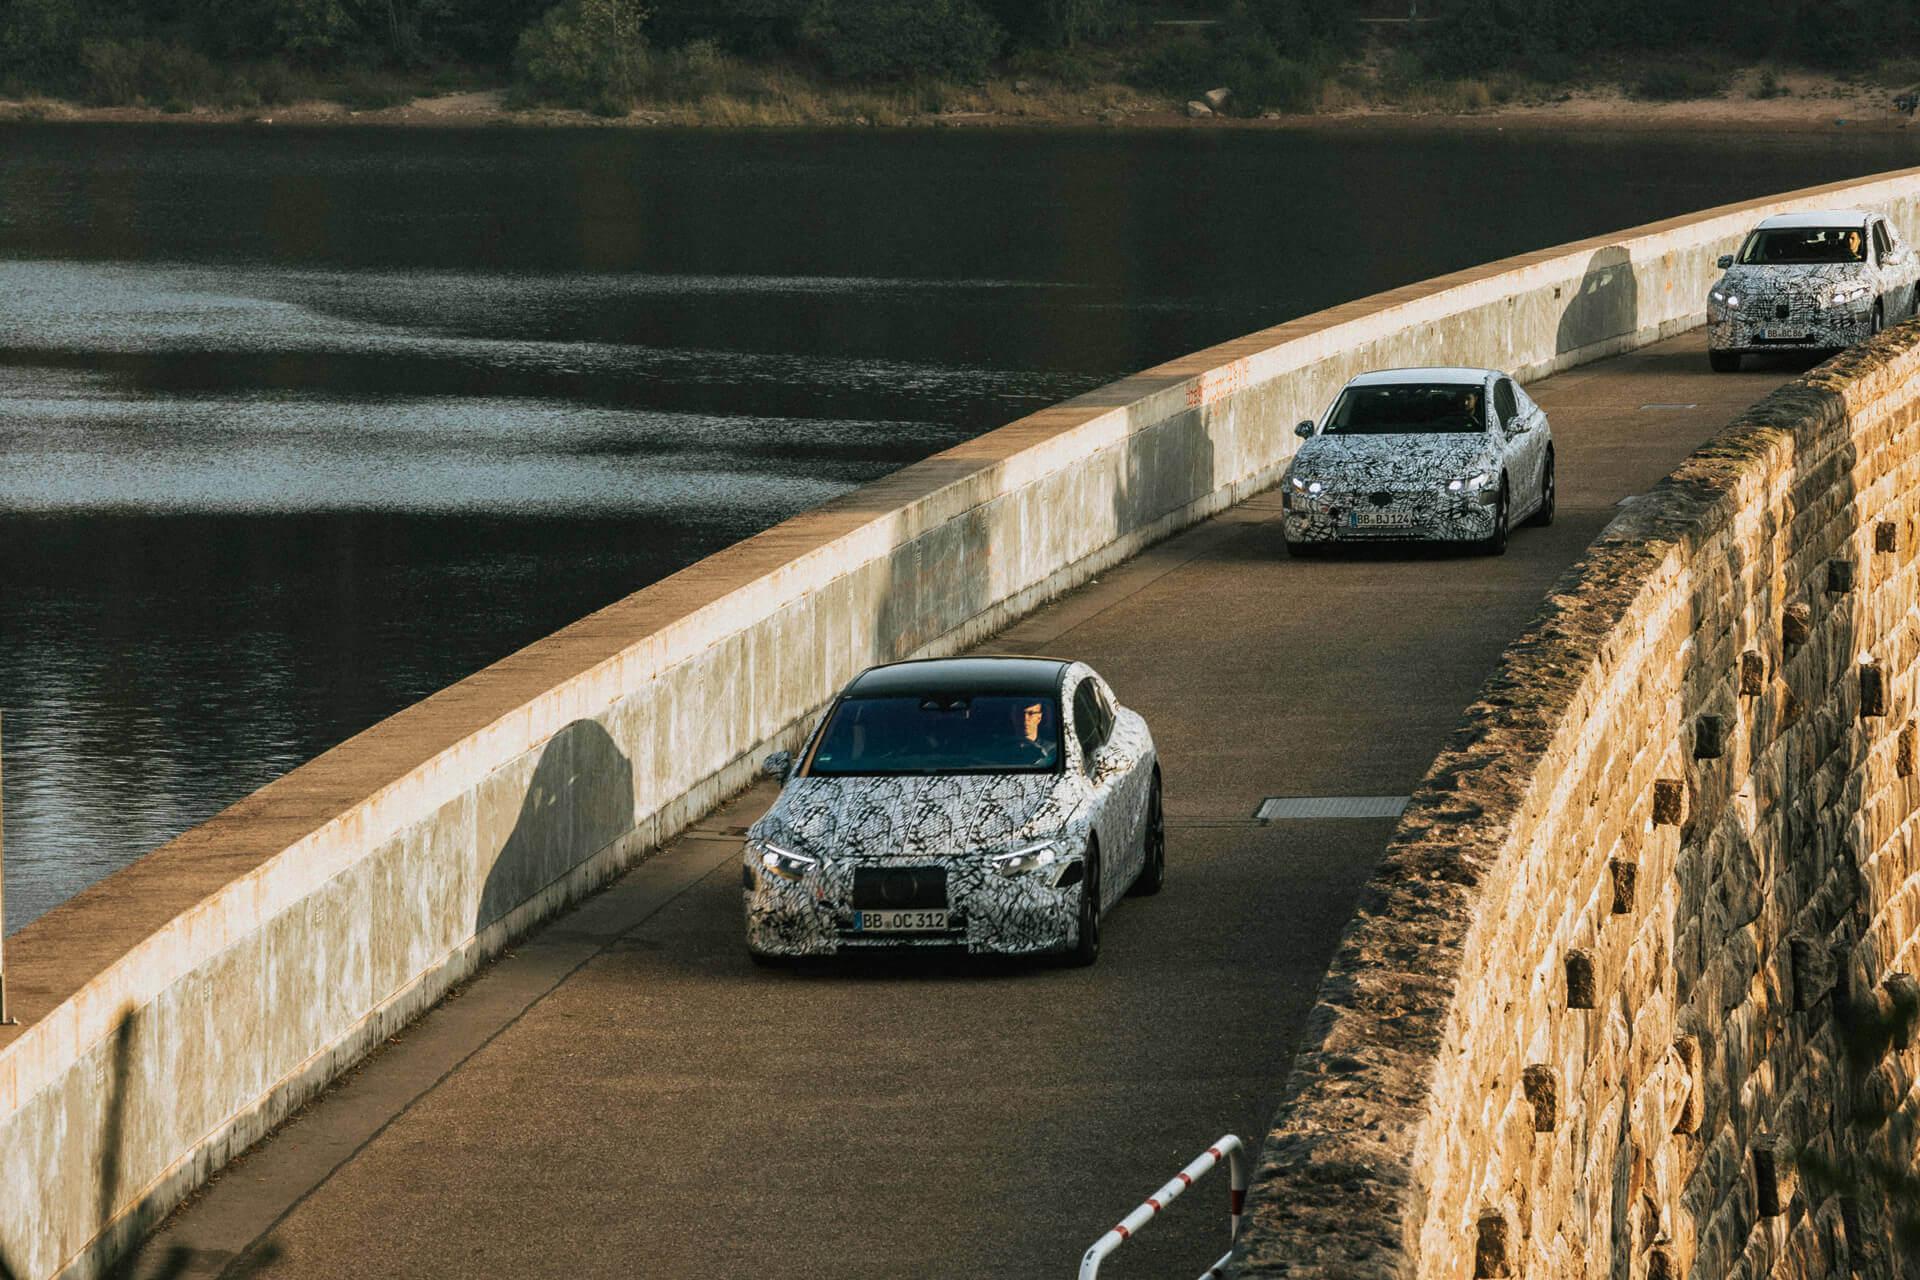 Mercedes-Benz объявляет о выпуске шести новых электромобилей серии EQ